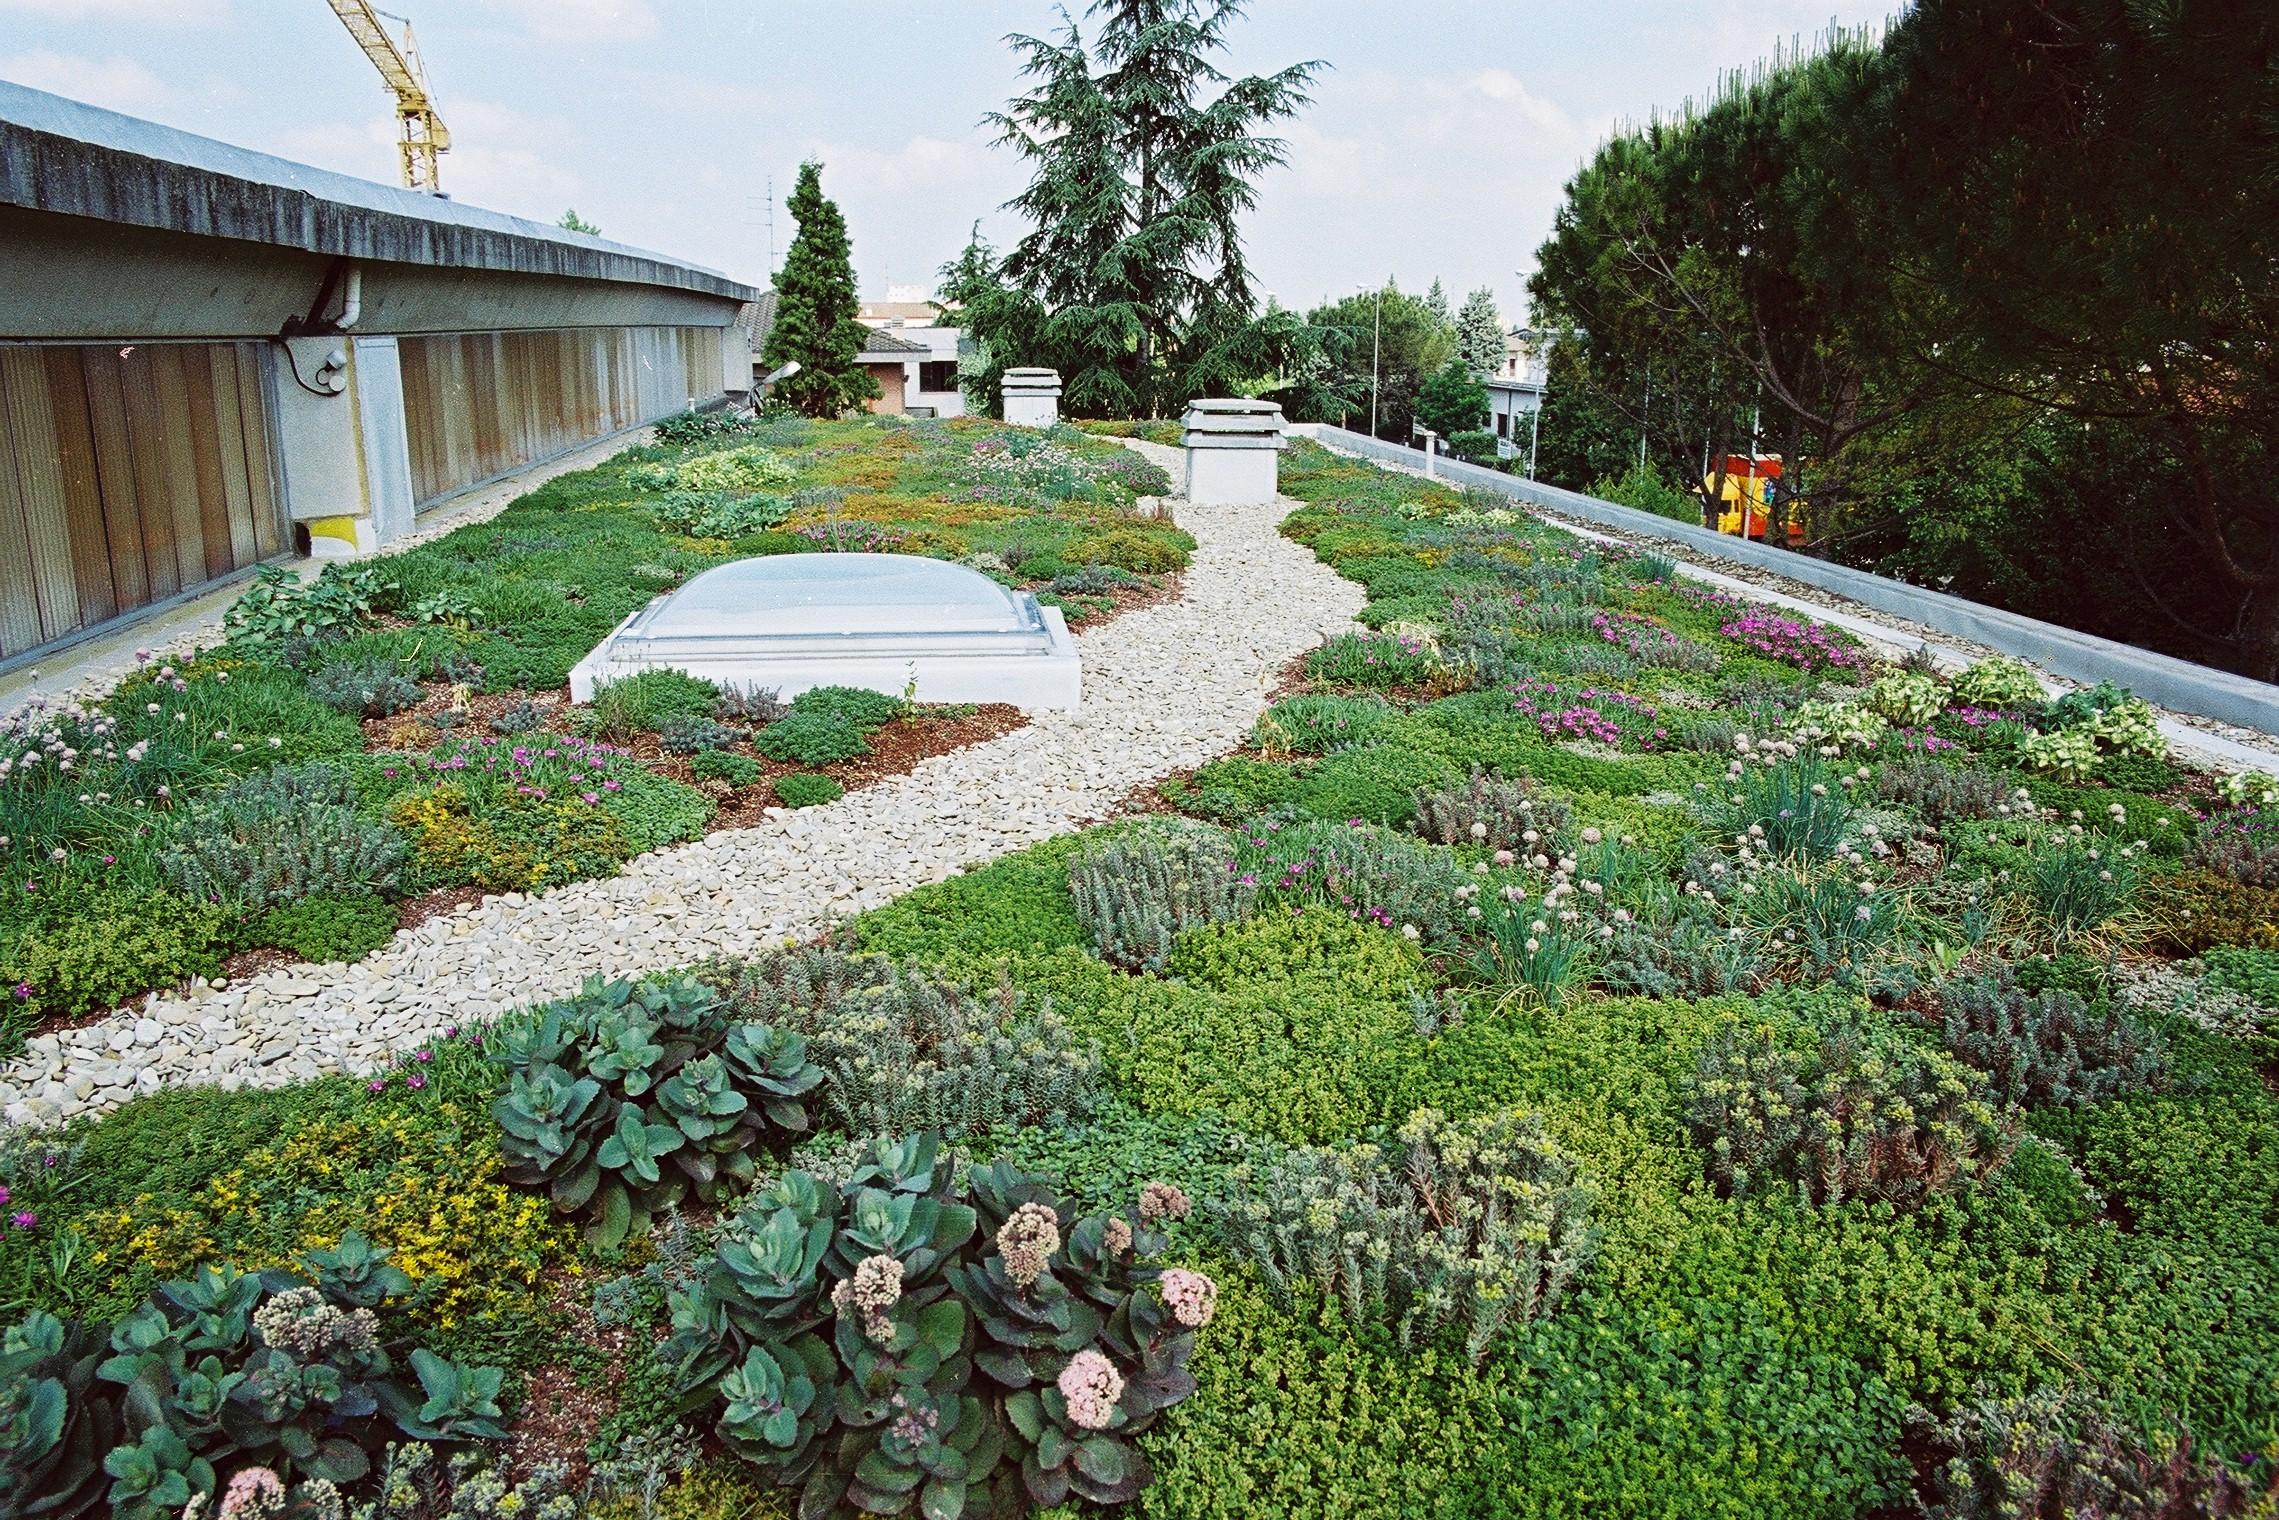 Piante Piccole Da Giardino tetti verdi: 10 piante per il tuo giardino pensile | casa